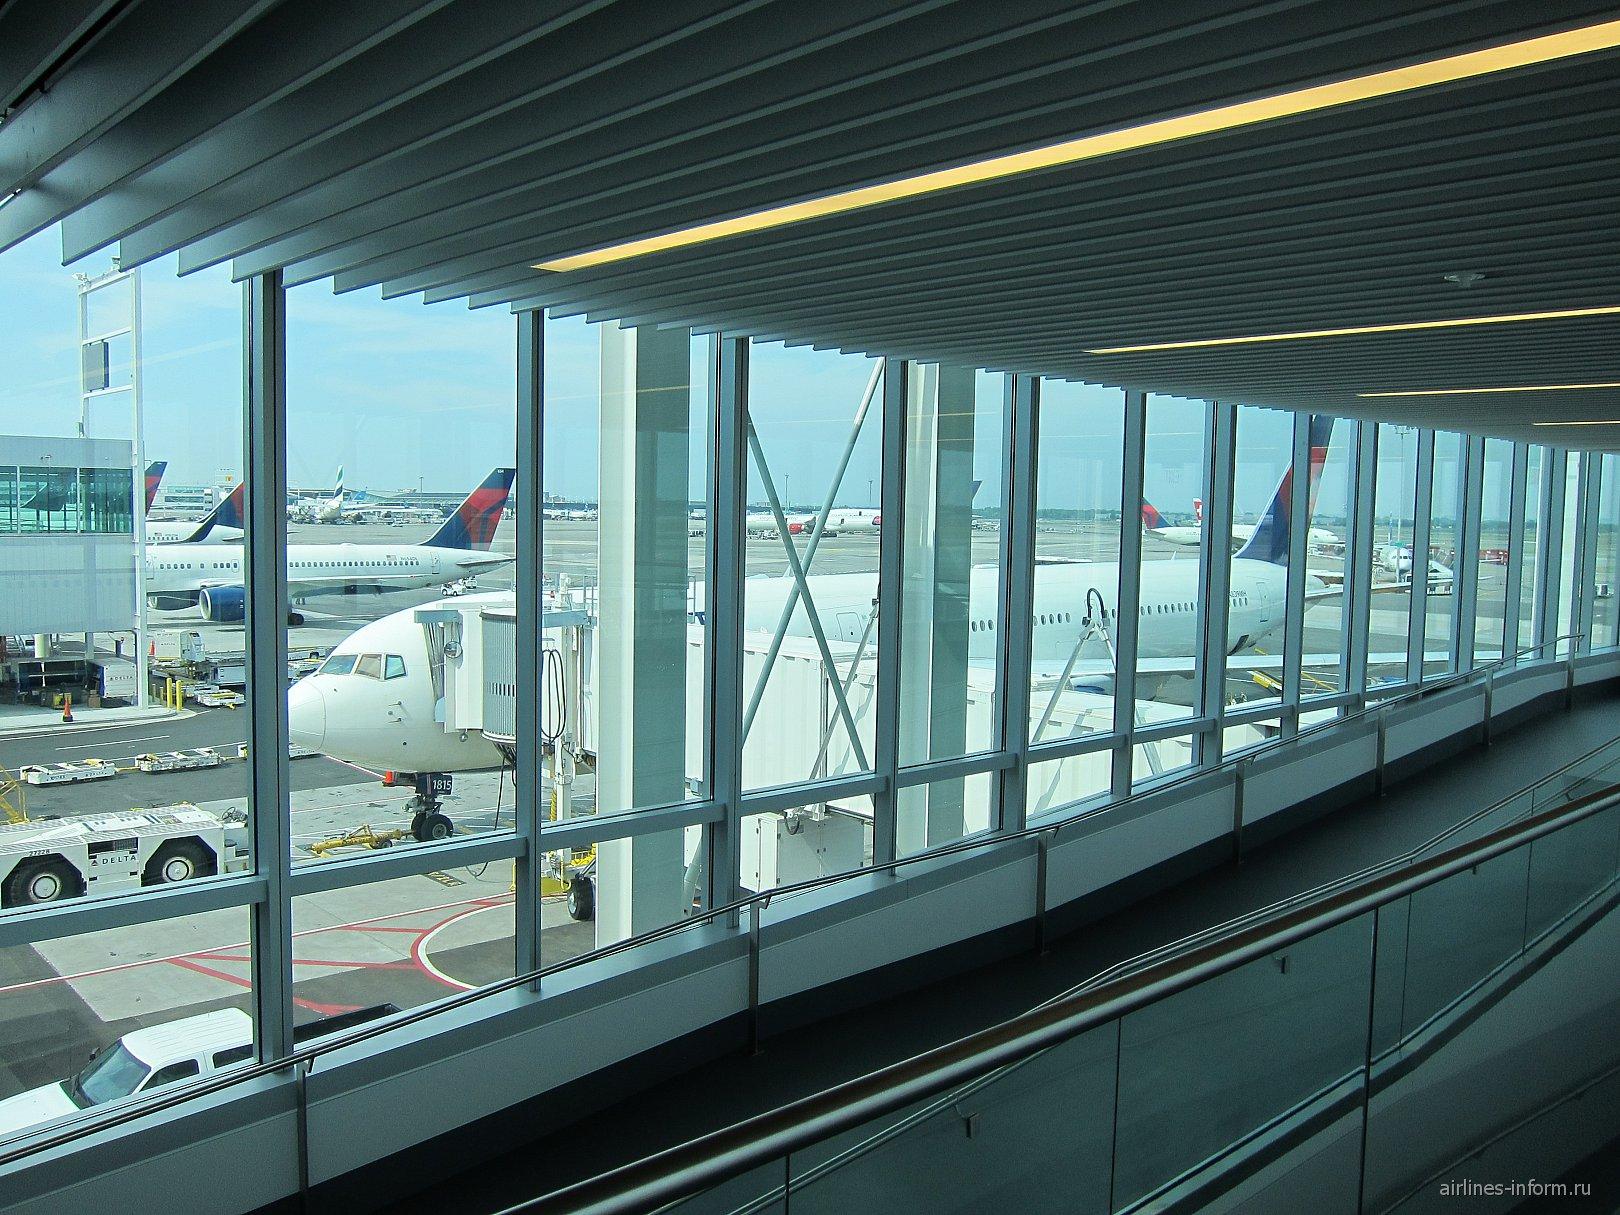 Посадка на рейс авиакомпании Delta Нью-Йорк-Москва